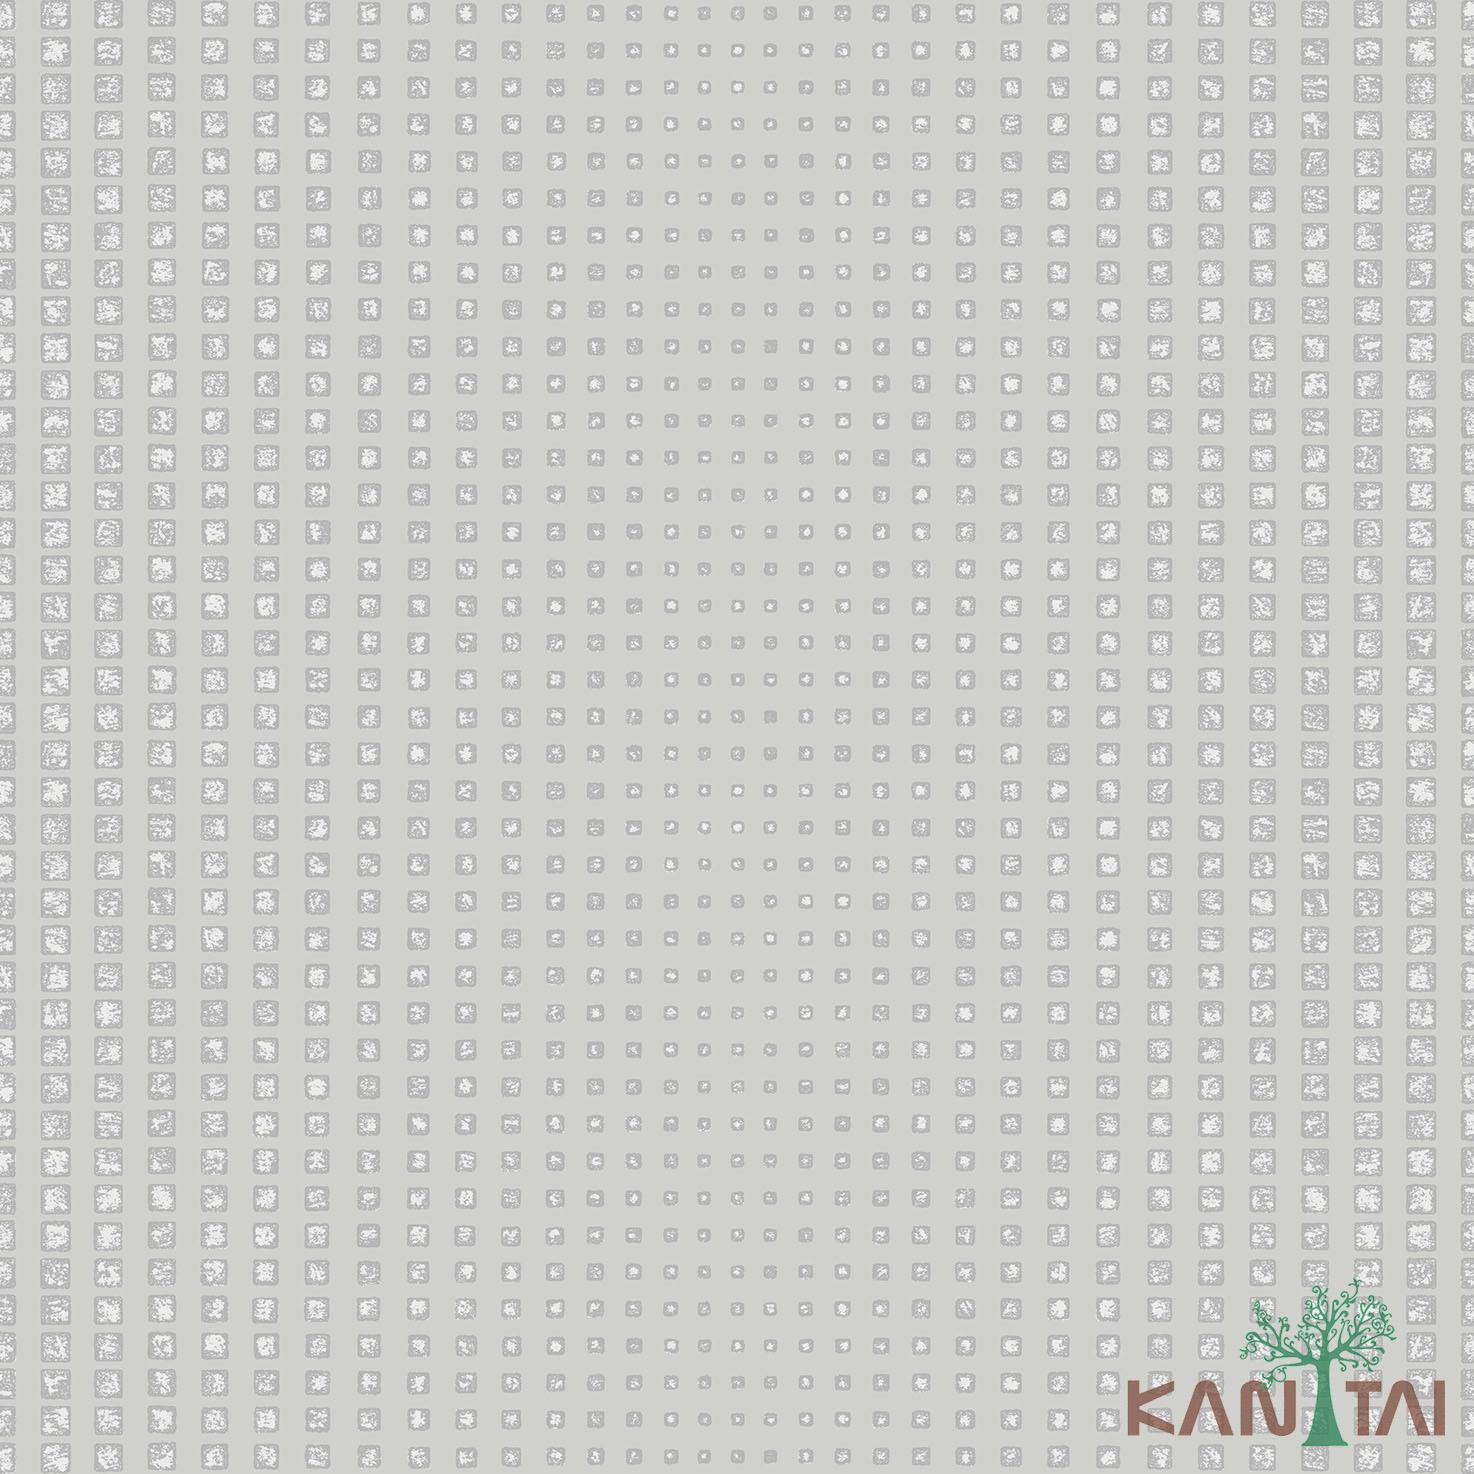 Papel de Parede Kan Tai TNT Coleção Vision Geométrico Cinza claro, Prata, Brilho